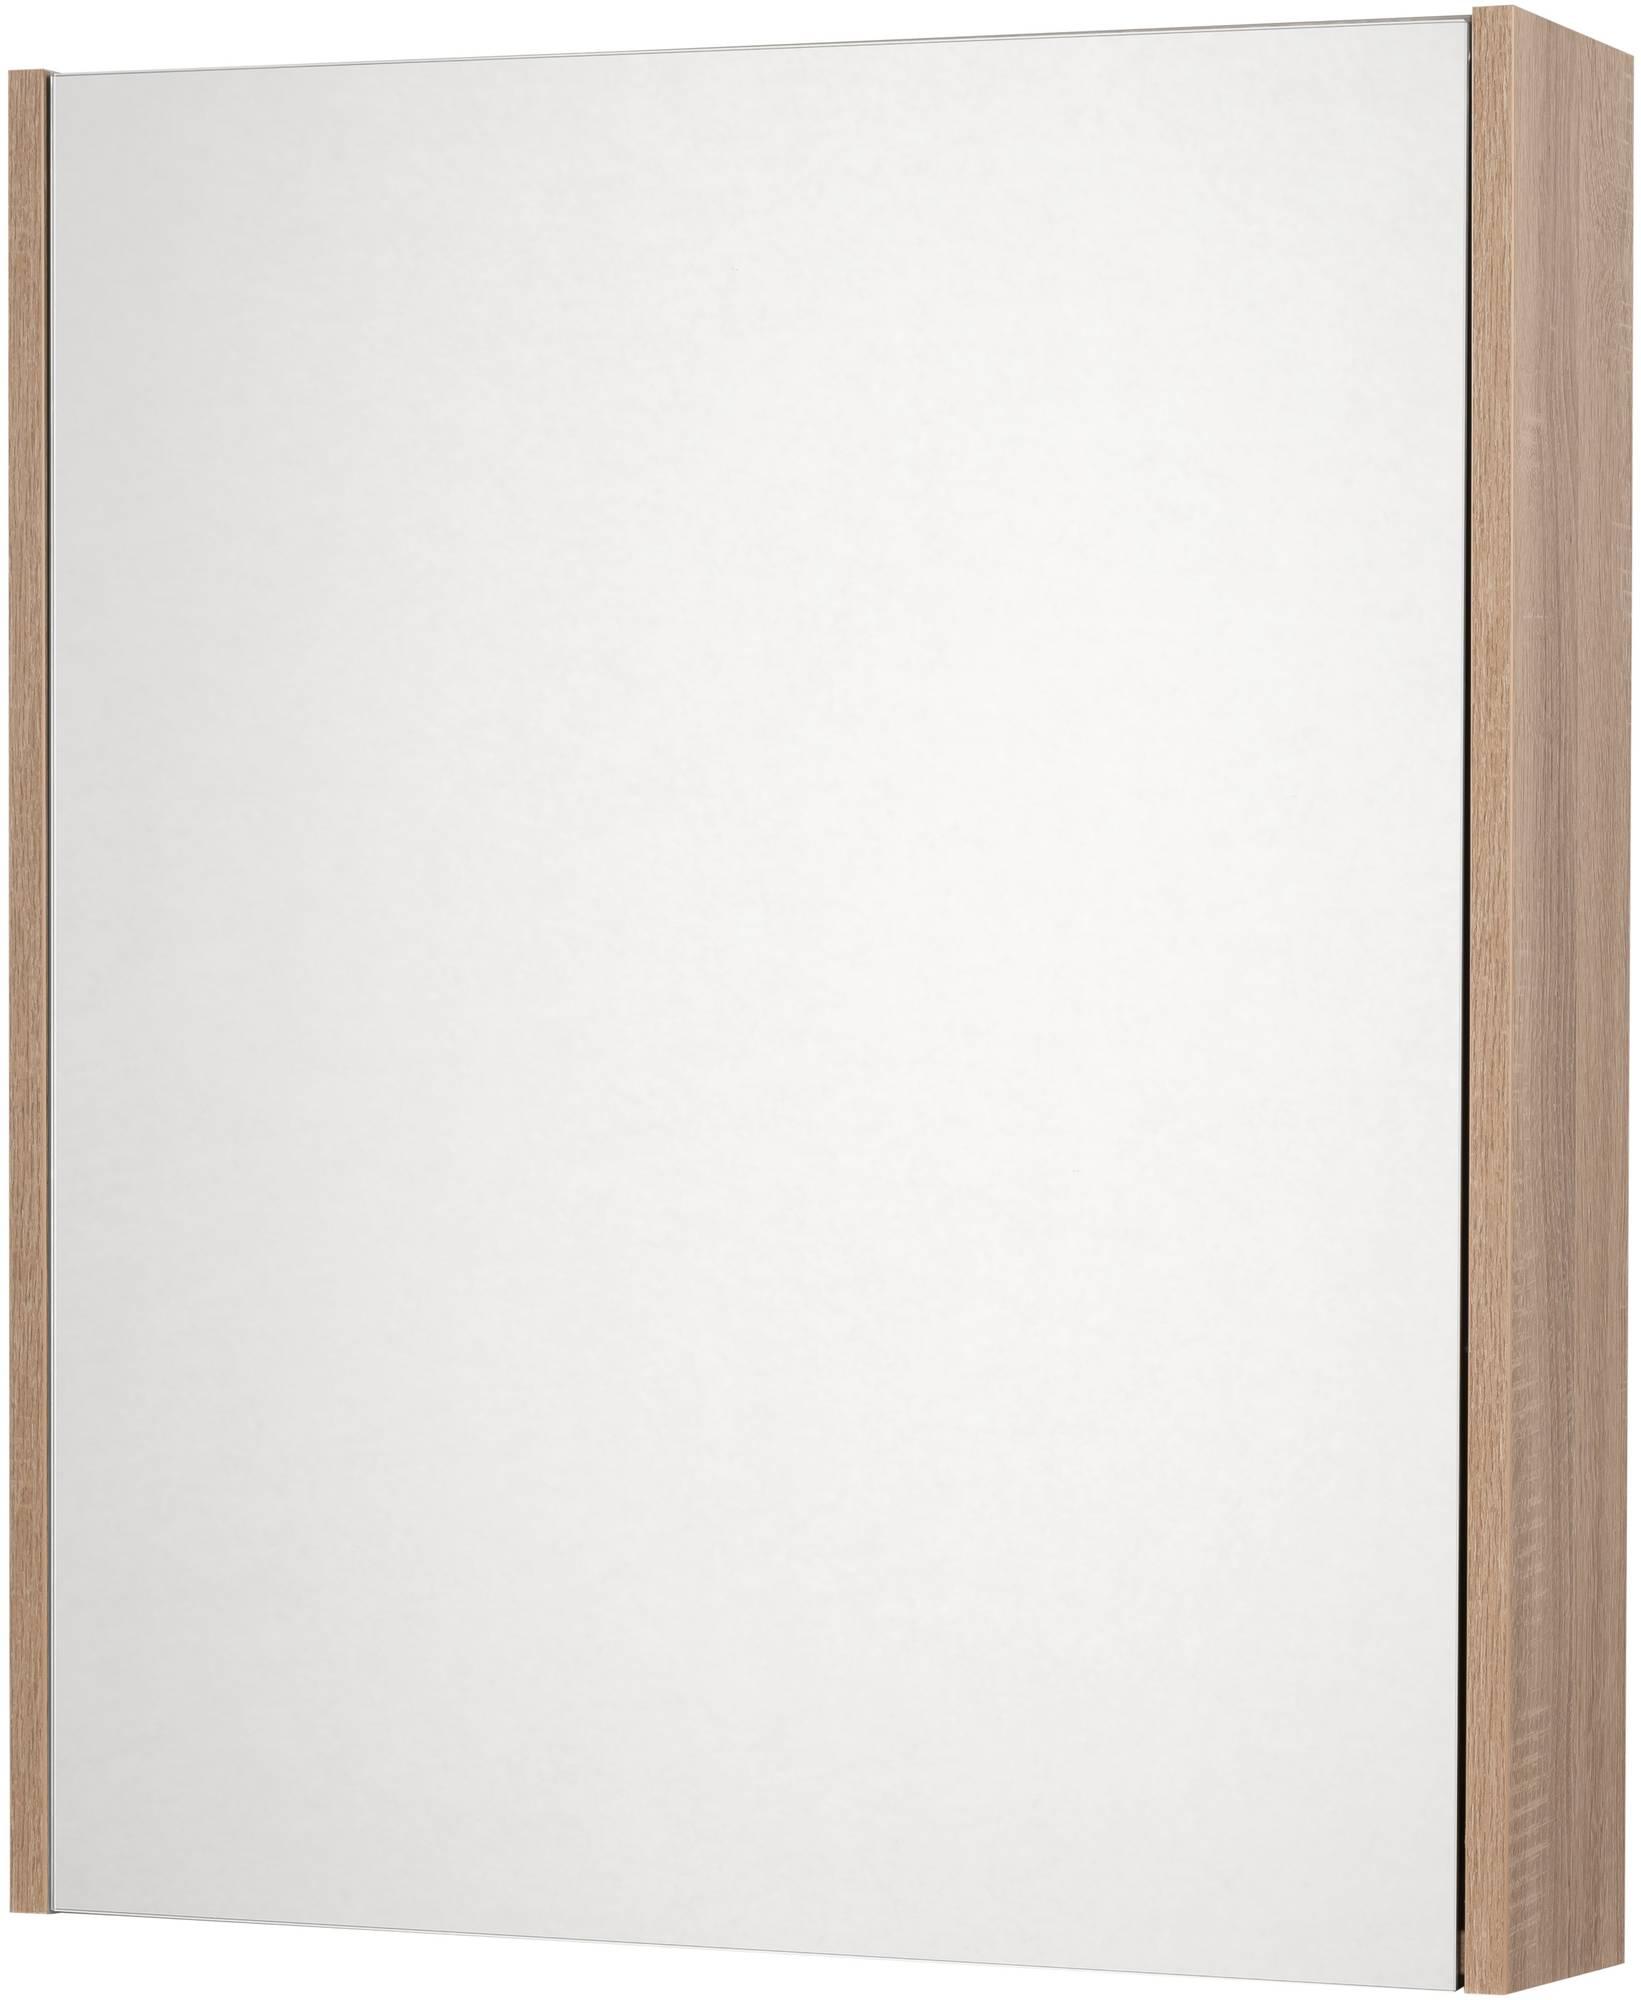 Saniselect Socan Spiegelkast 60x14x70 cm Bardolino Eiken